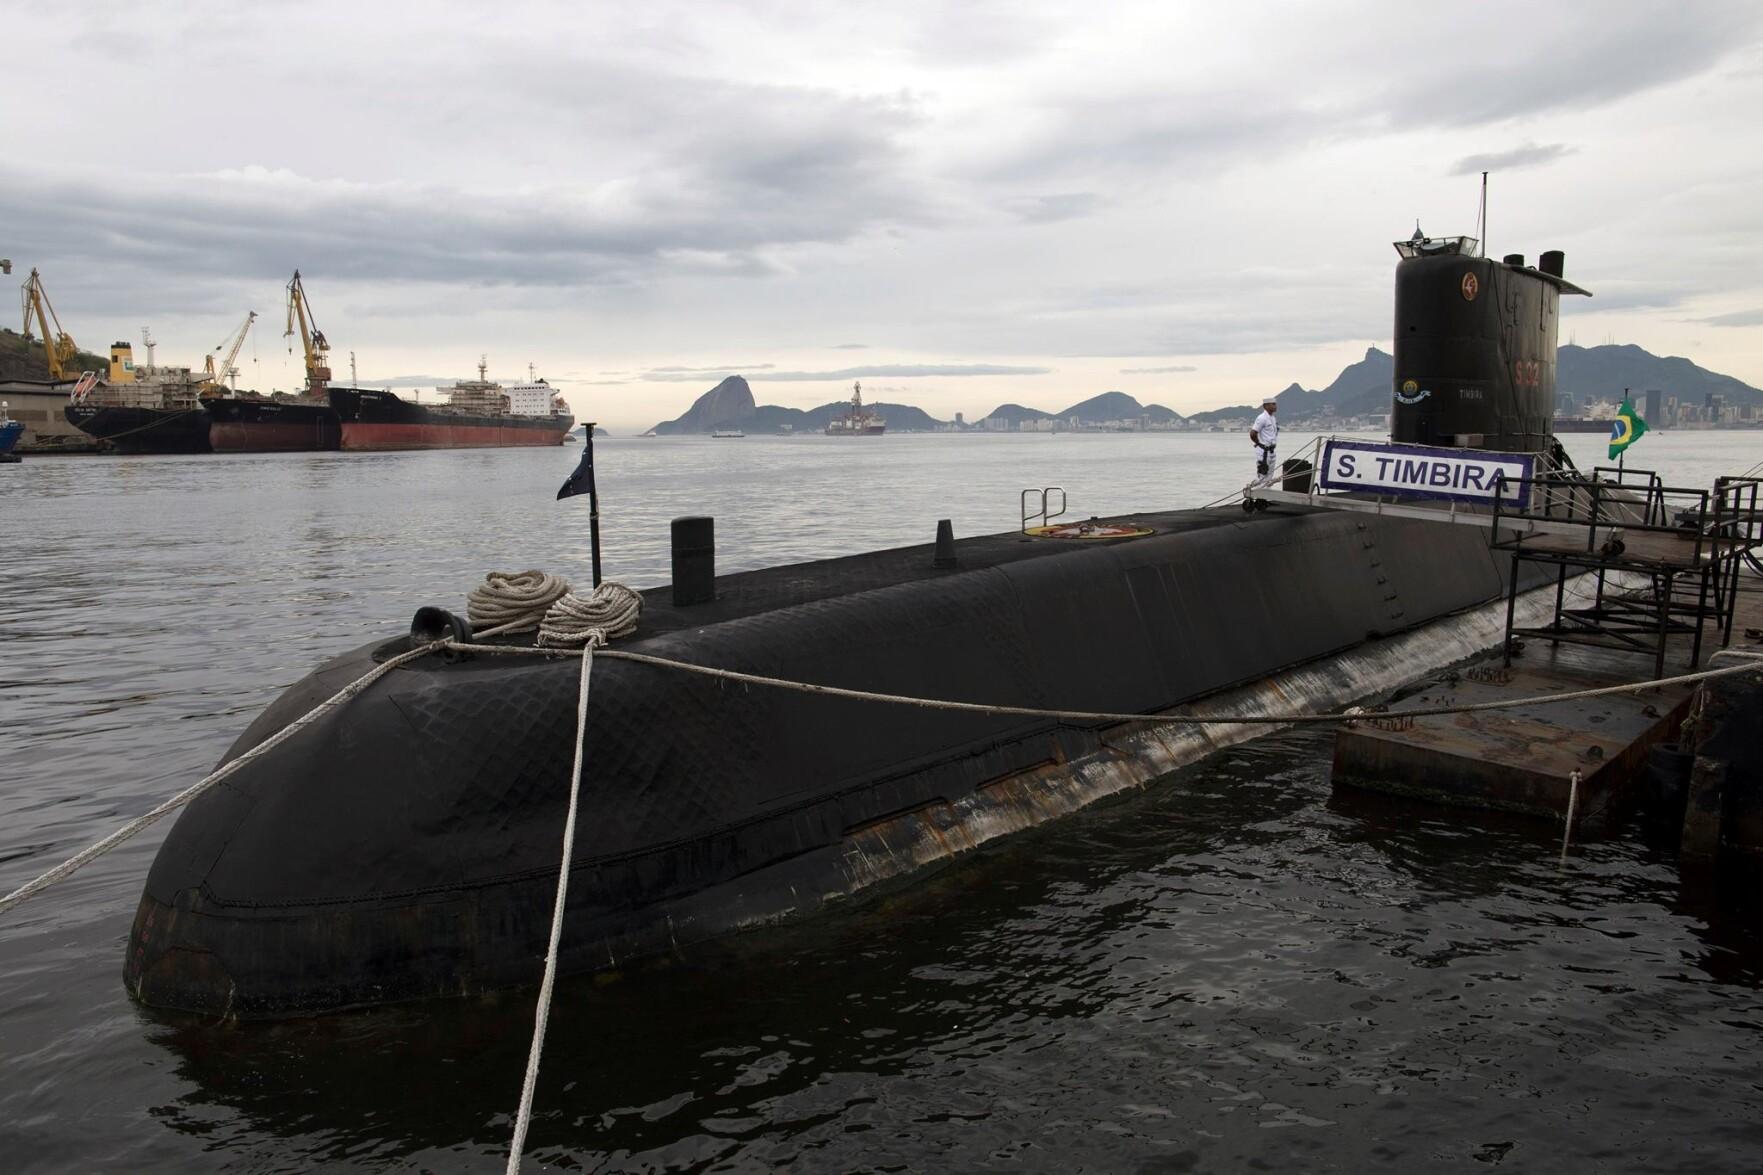 Argentina confirma 'explosão' em submarino desaparecido